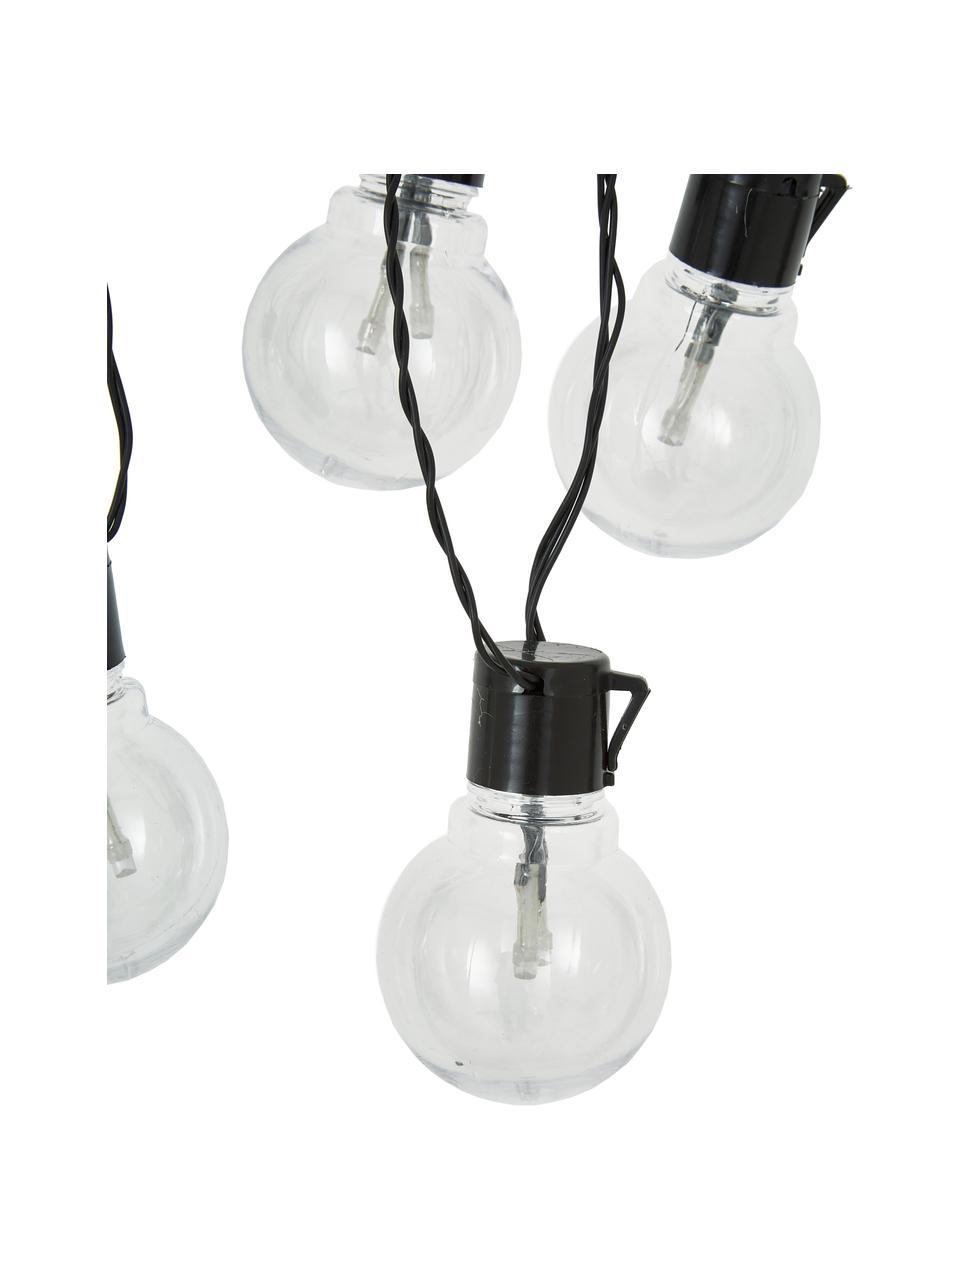 LED-Lichterkette Partaj, 950 cm, 16 Lampions, Lampions: Kunststoff, Schwarz, L 950 cm